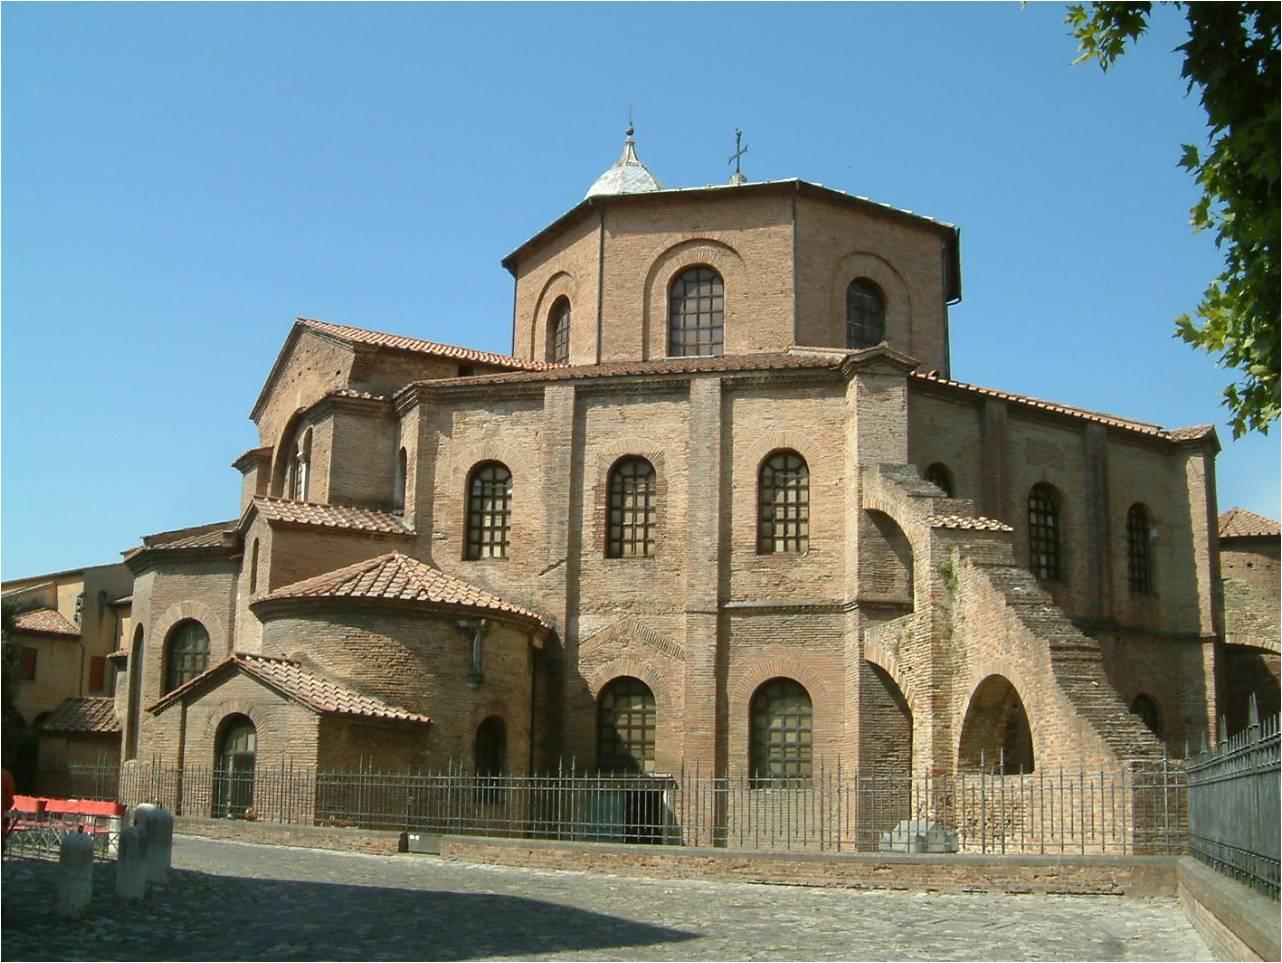 Espacio sagrado y arquitectura arquitectura bizantina for Arquitectura arquitectura